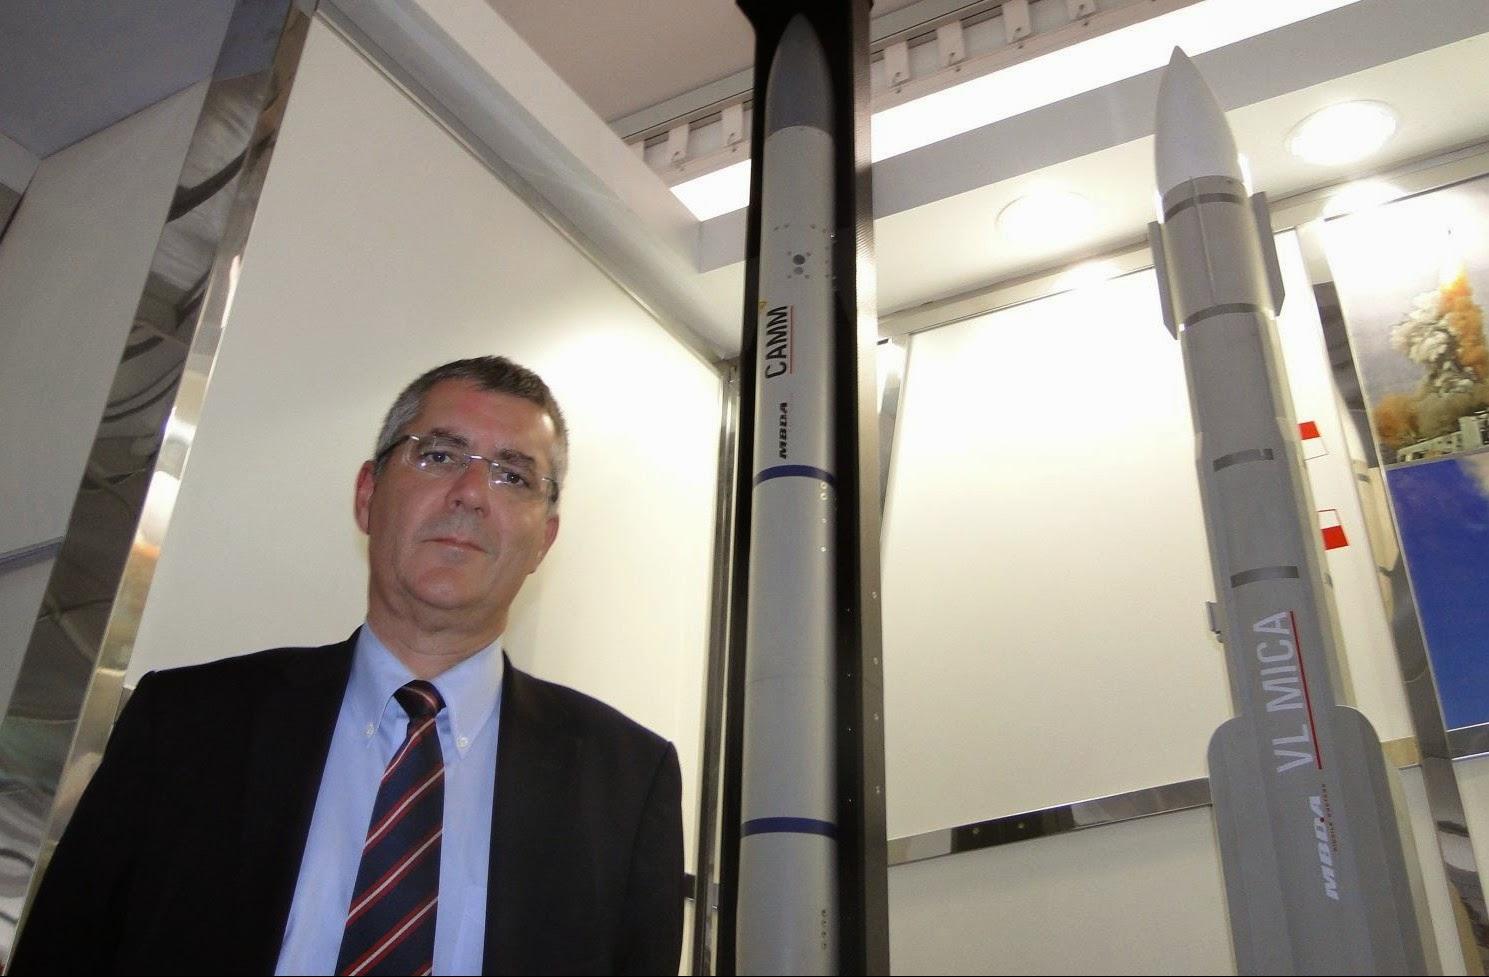 http://www.infodefensa.com/latam/2014/12/08/noticia-chile-podria-adoptar-misil-ceptor-modernizacion-fragatas.html